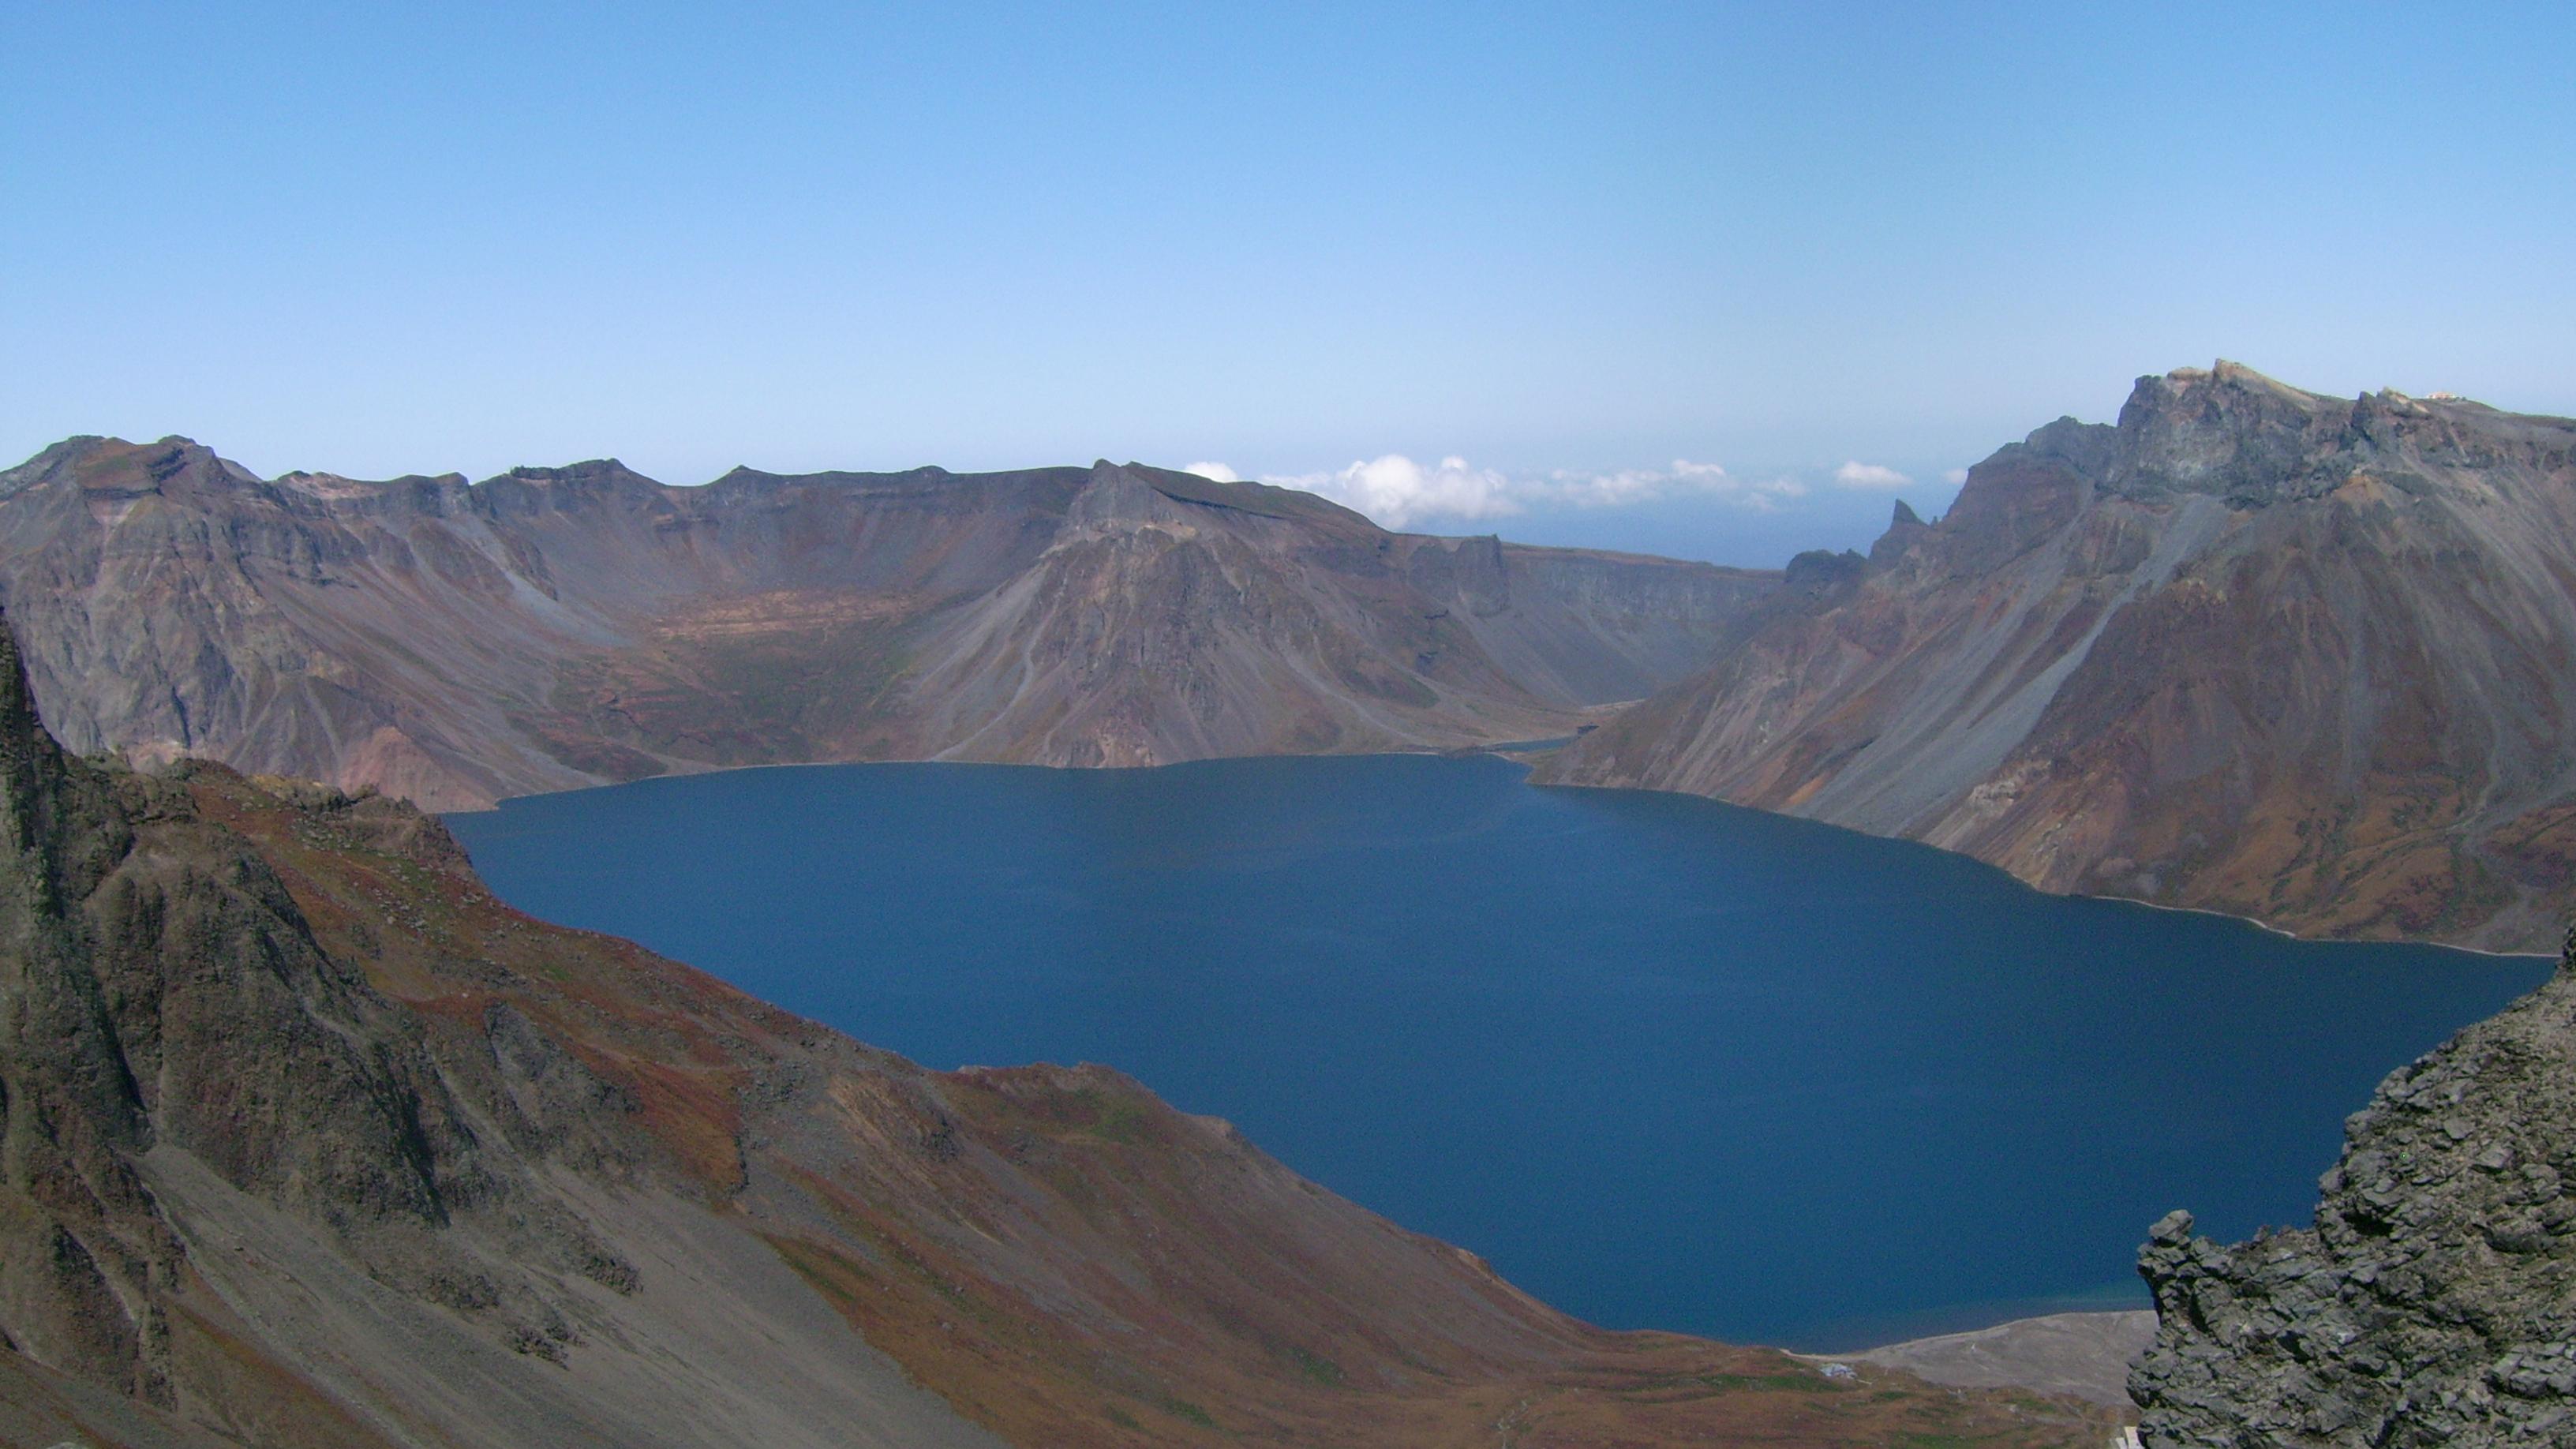 El monte Paektu, también conocido como montaña Changbai en China, es una montaña volcánica localizada en la frontera entre Corea del Norte y China